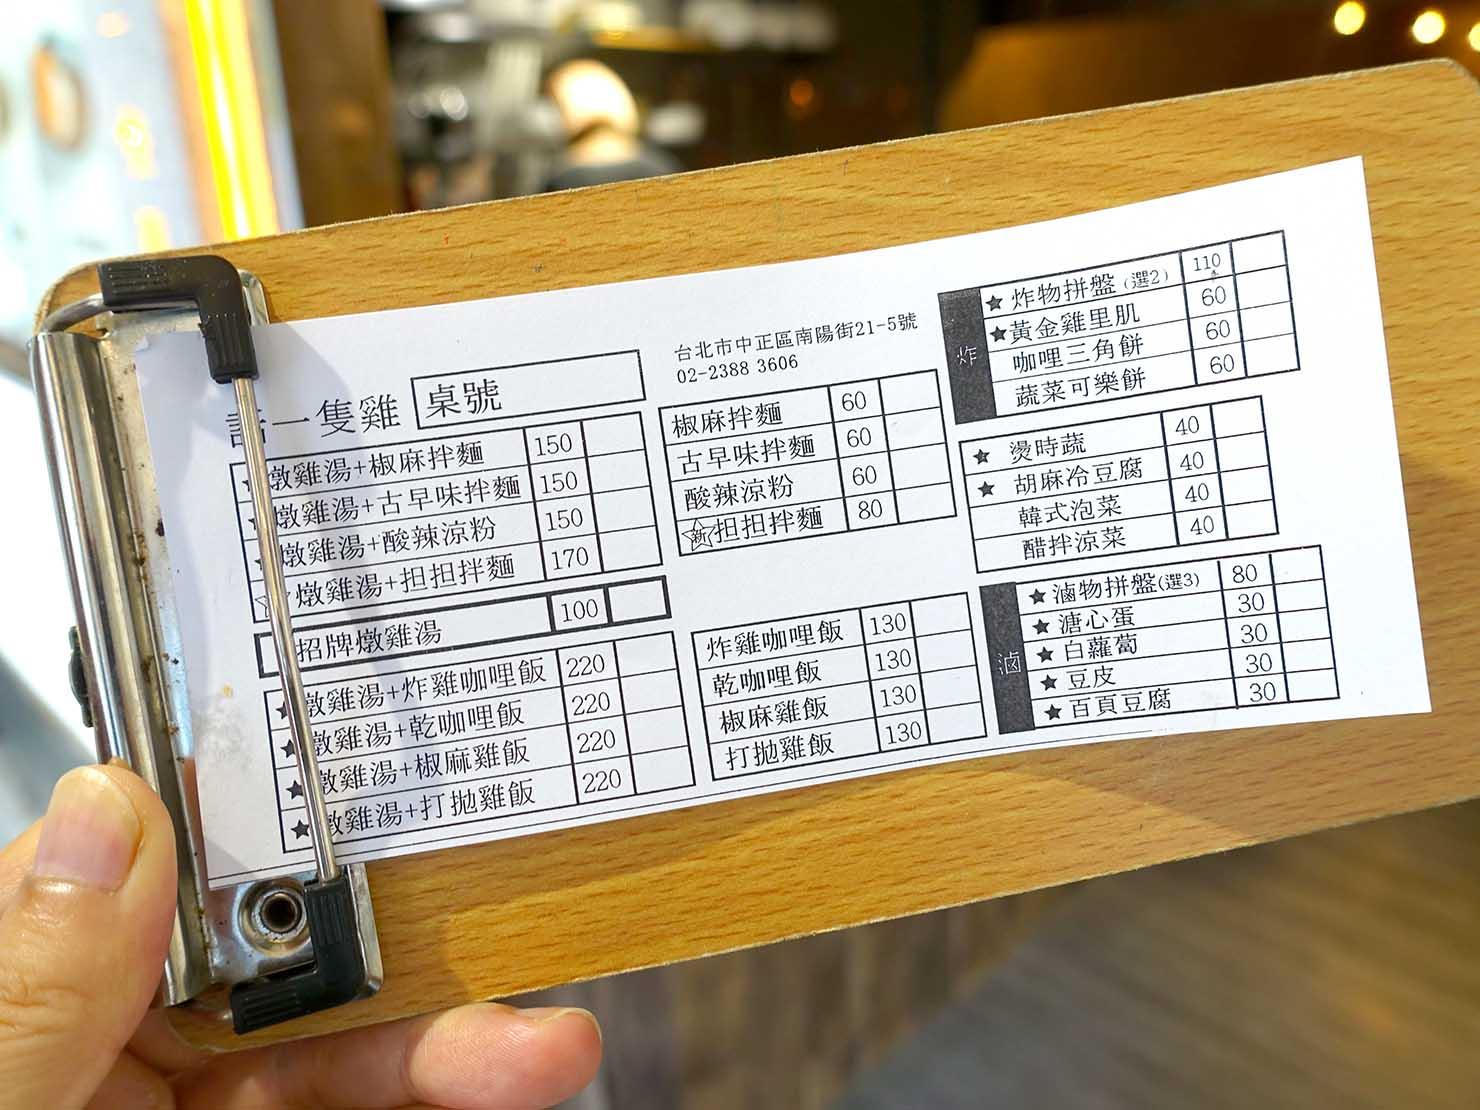 台北駅前エリア(前站)のおすすめグルメ店「話一隻雞」のオーダー表